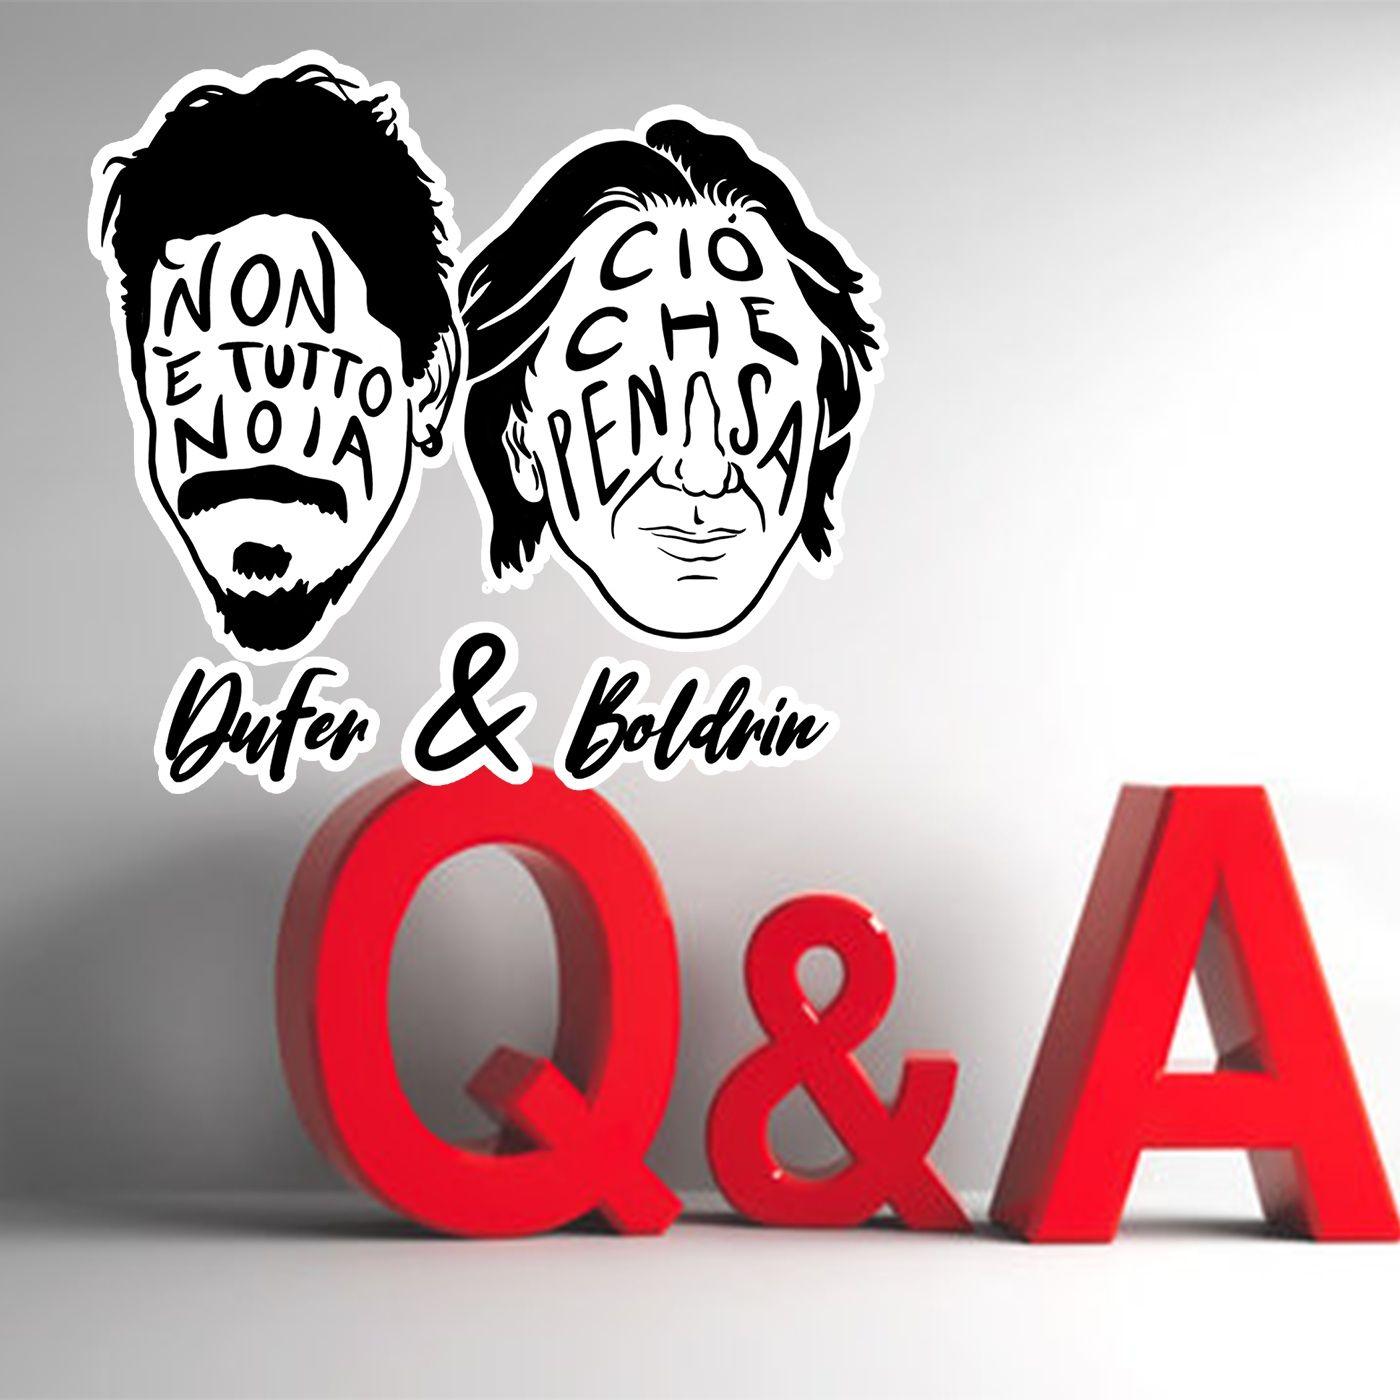 Dalla Burocrazia al ddl Zan, dal Covid ai Sindacati: Q&A - DuFer e Boldrin